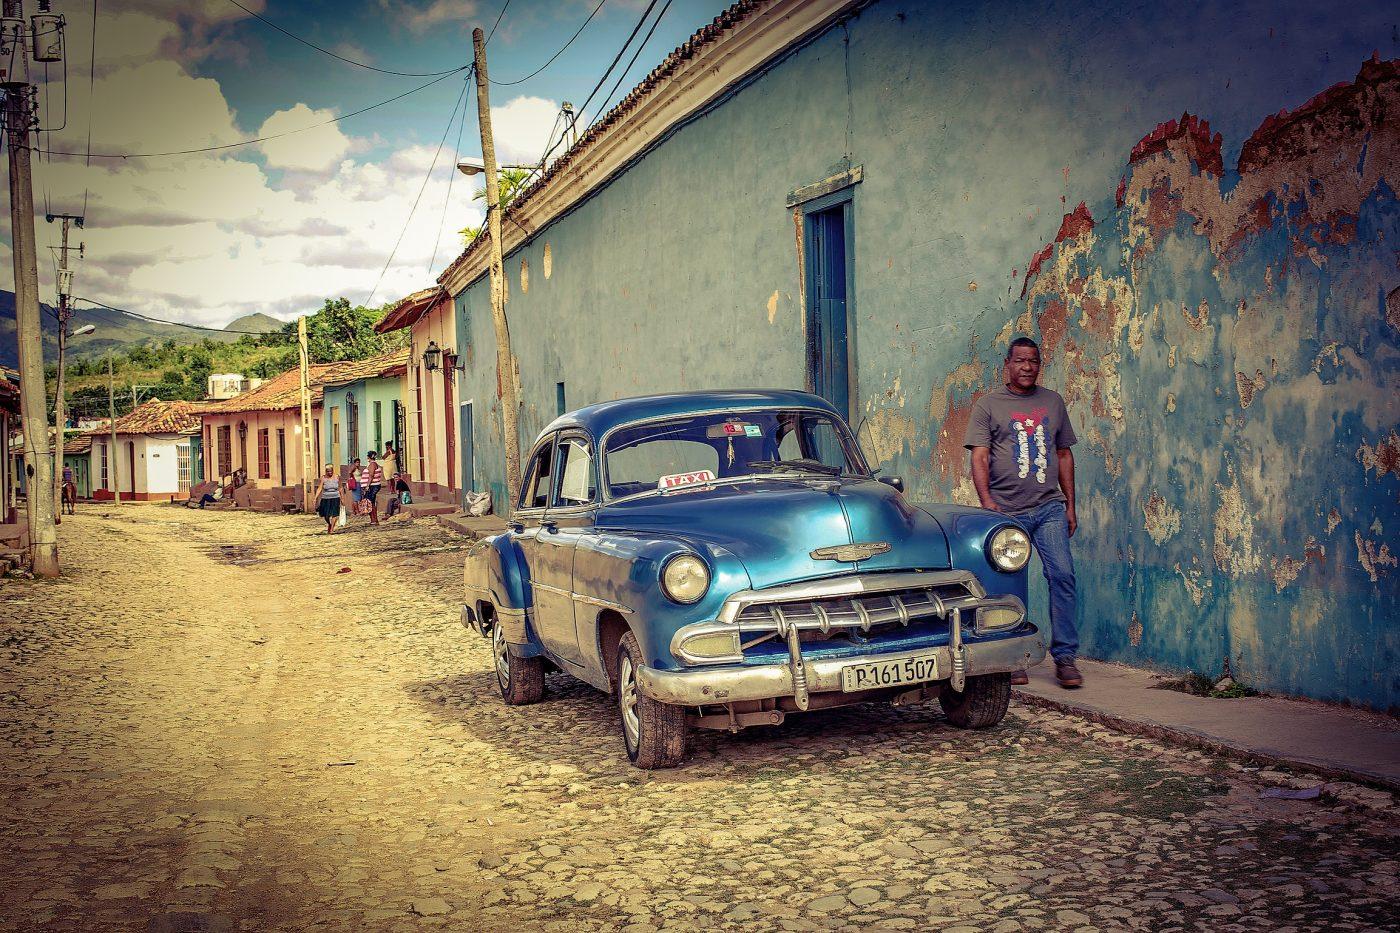 Cuba (25) by Robin Yong